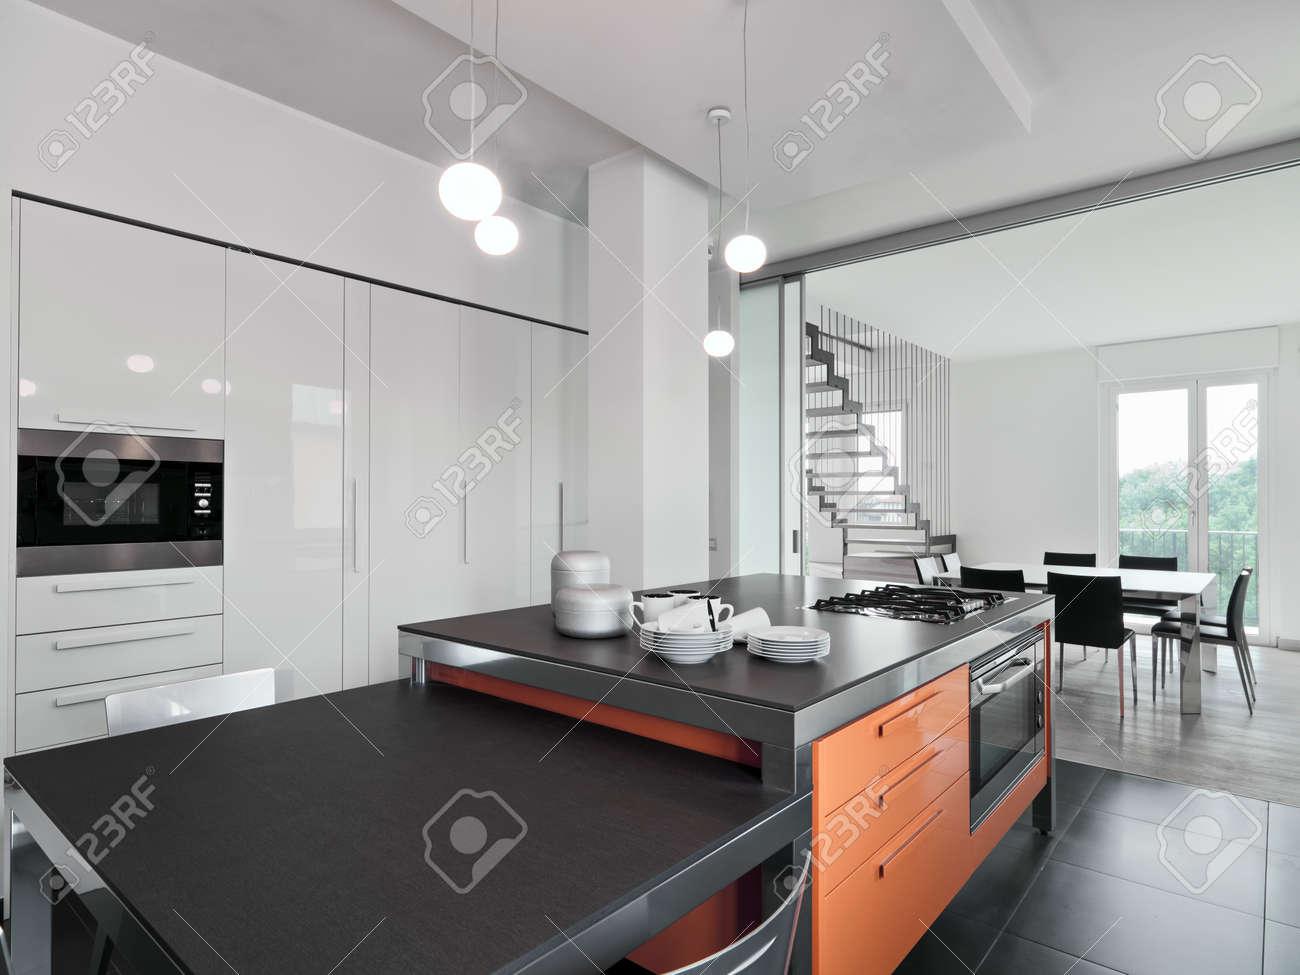 Innenansicht Eines Modernen Küche Mit Kochinsel Mit Blick Auf Das Esszimmer  Standard Bild   49755100